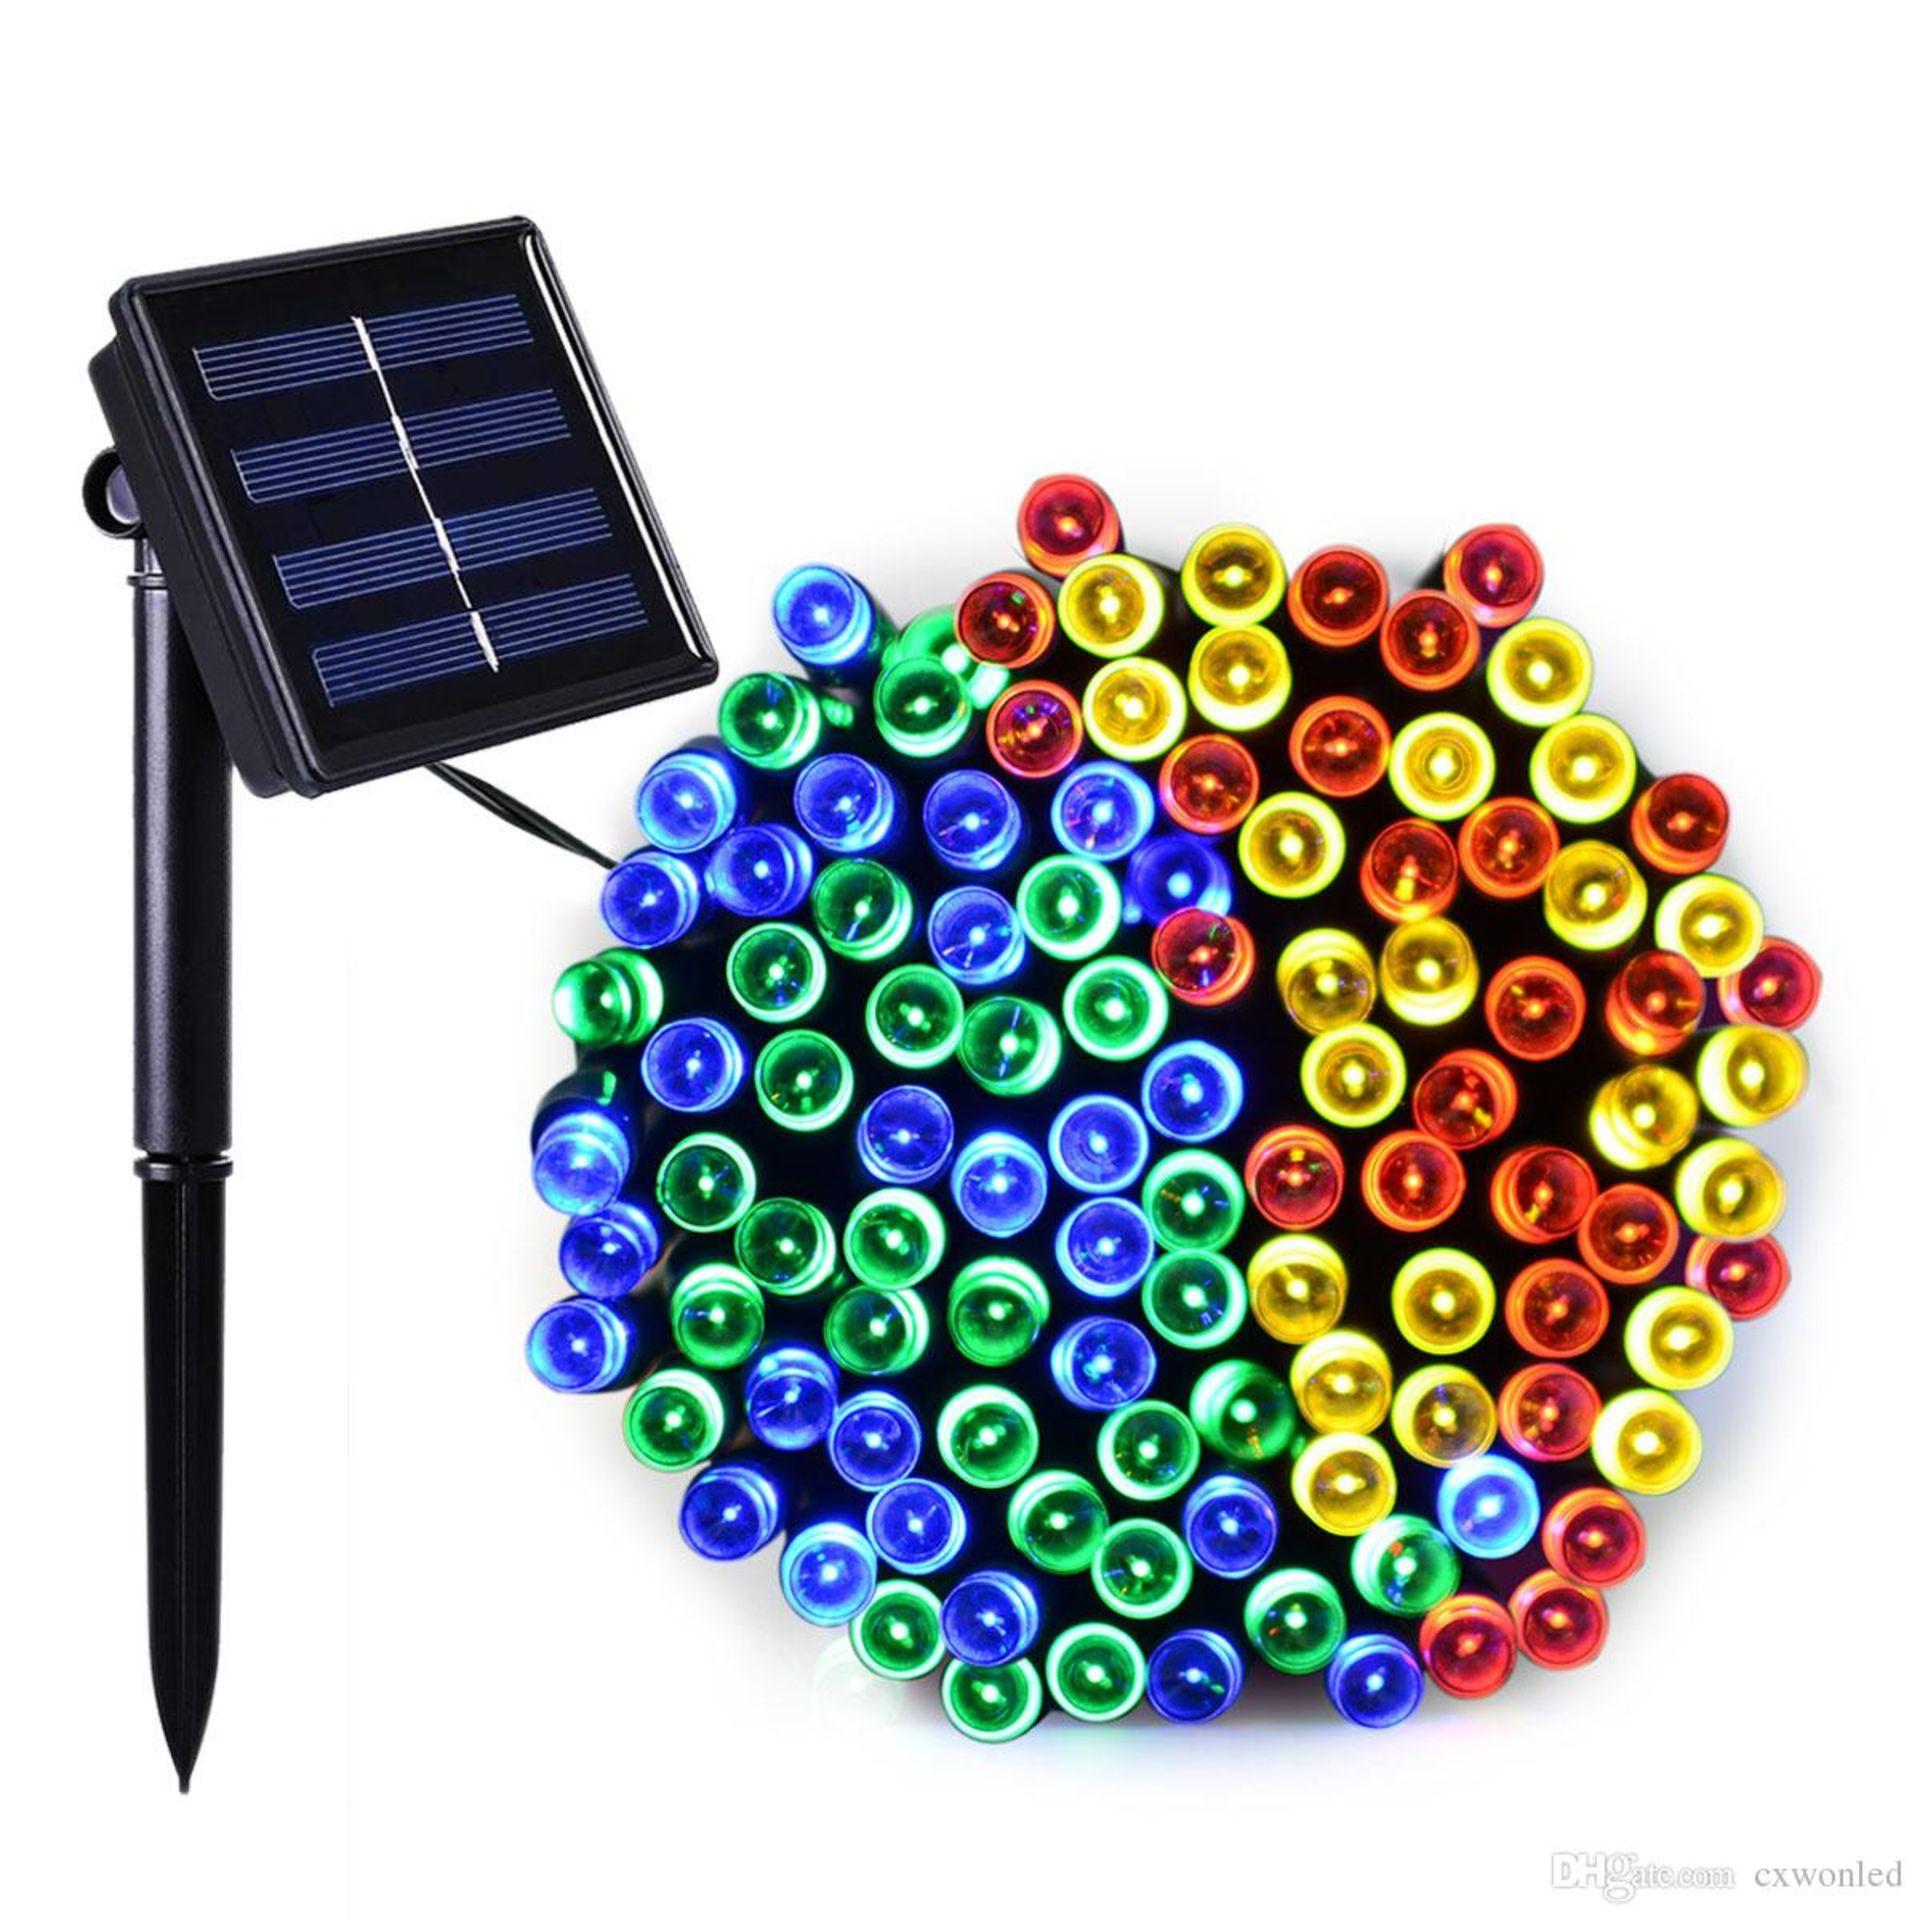 Lot 43024 - V Brand New 200 LED String Colour Light With Solar Panel